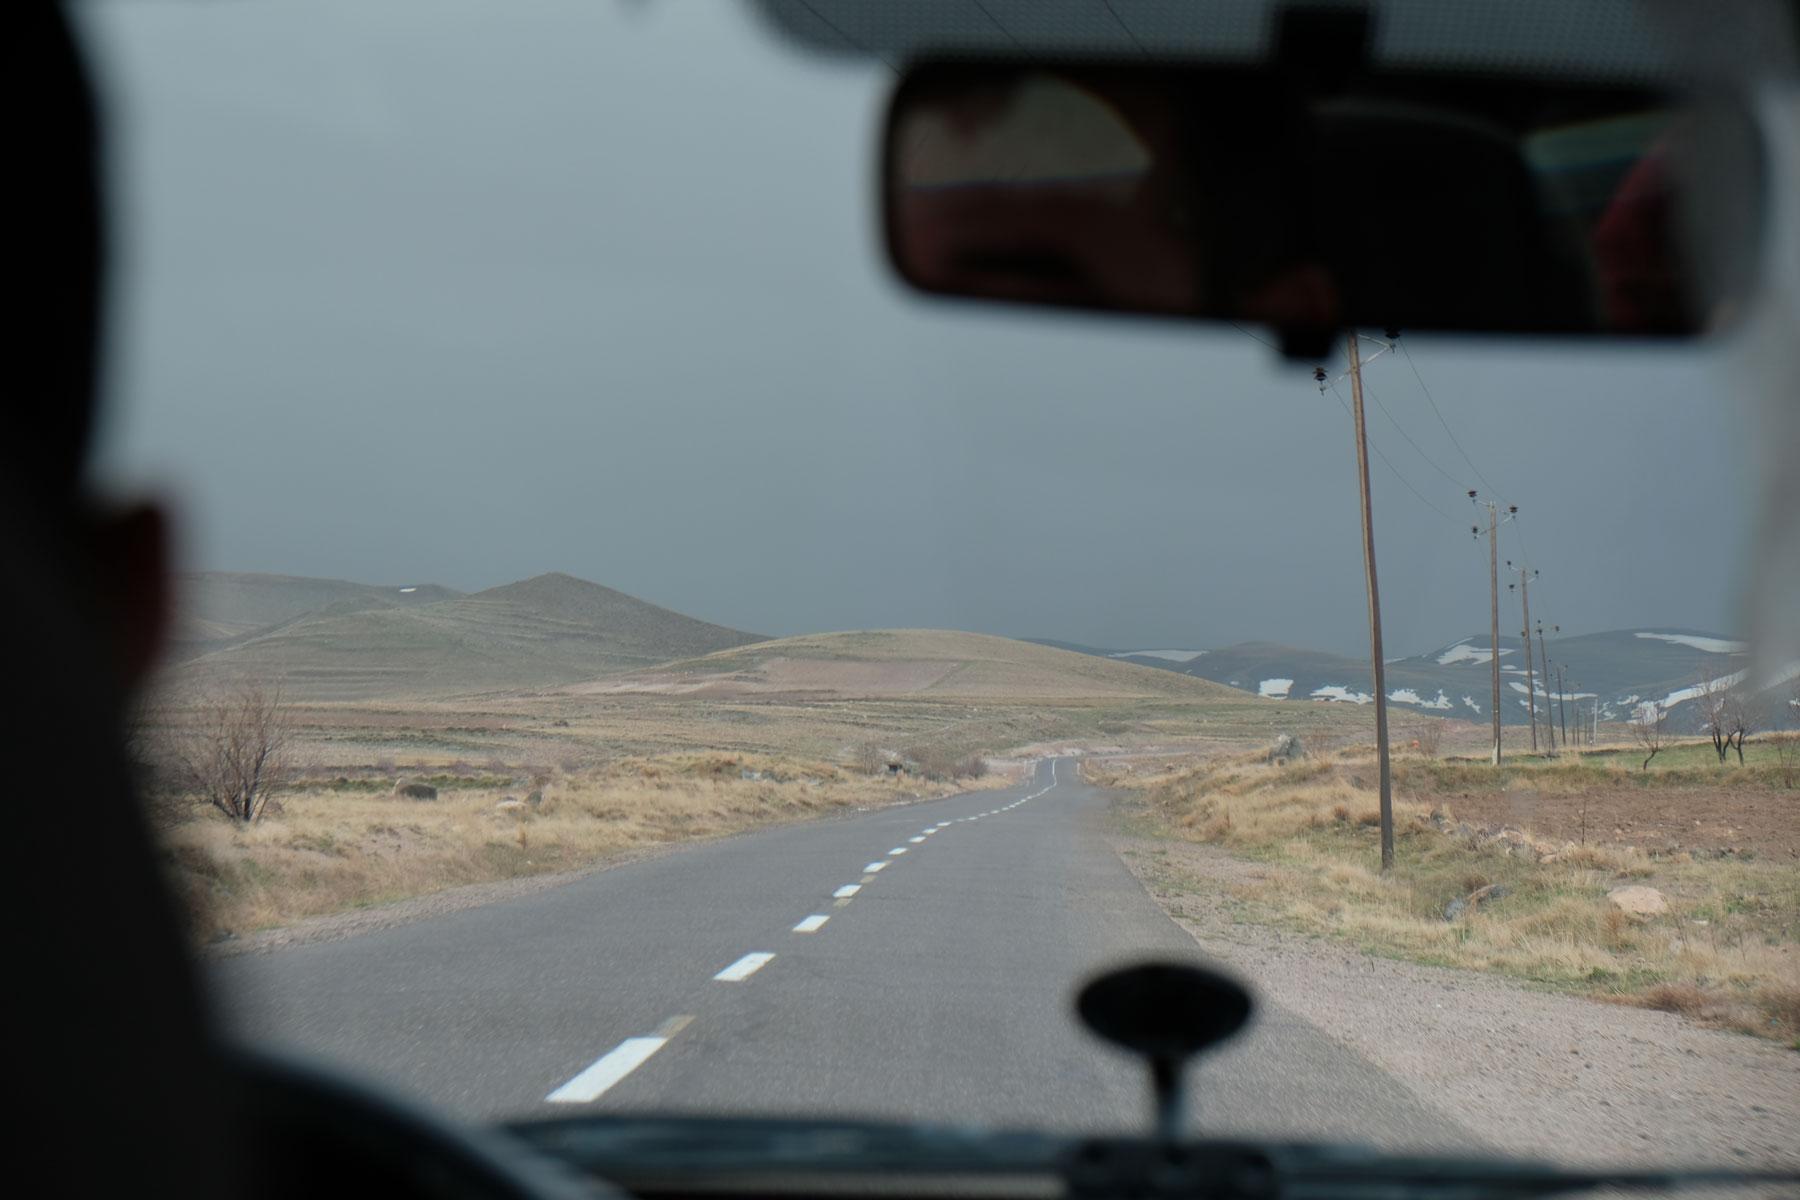 Blick aus dem Auto auf eine Straße und schwarze Regenwolken